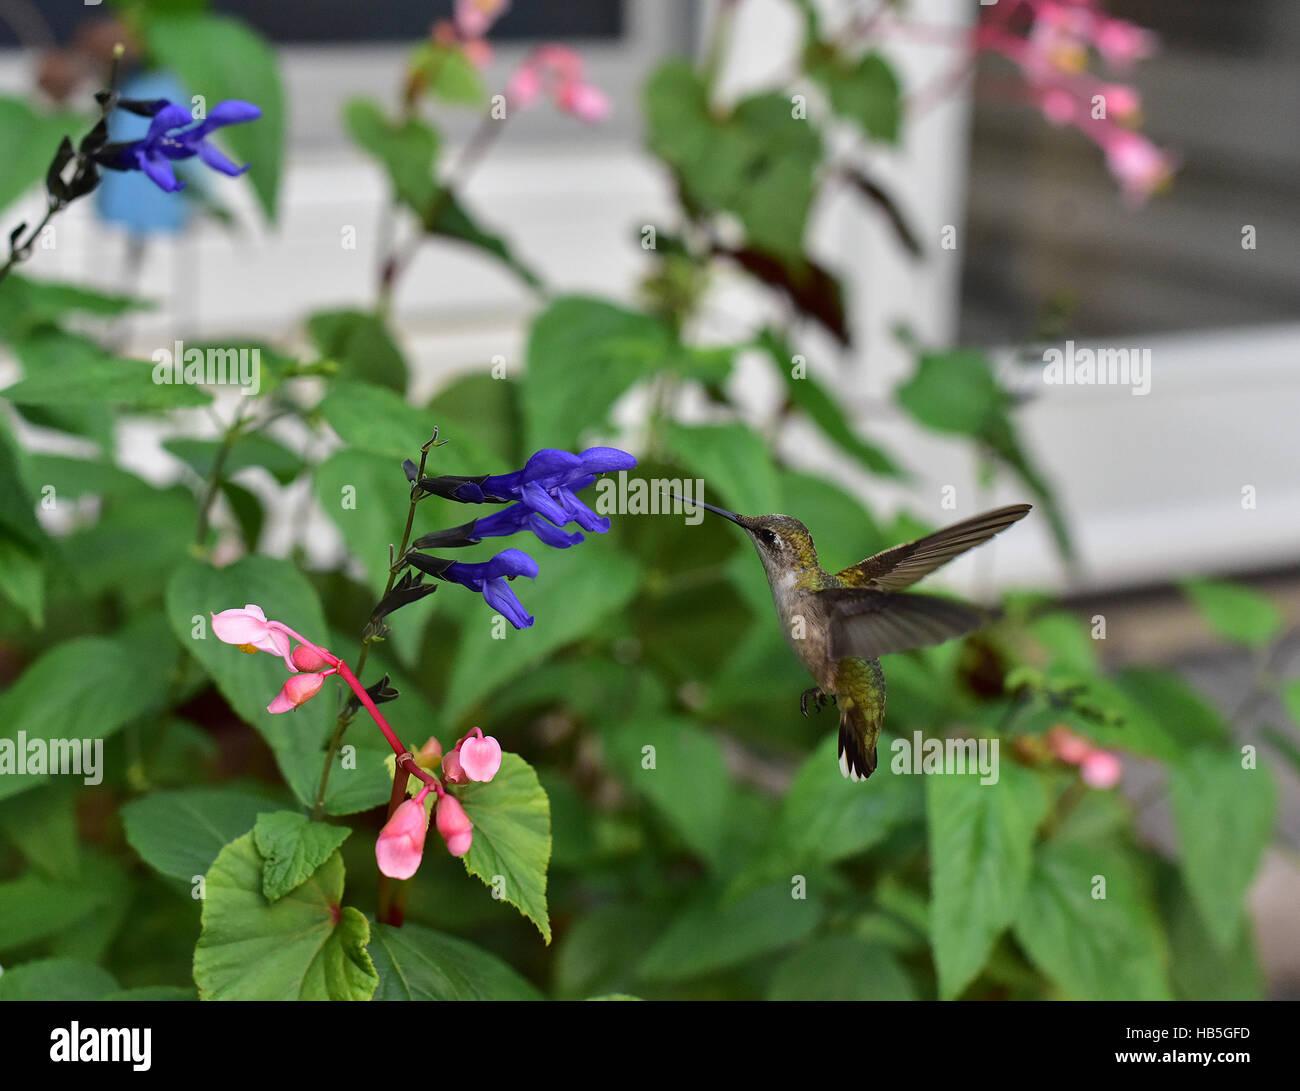 Hummingbird (archilochus colubris) passando per ispezionare un fiore di una boccola a farfalla (Asclepias syriaca) prima di raccogliere il suo nettare. Foto Stock